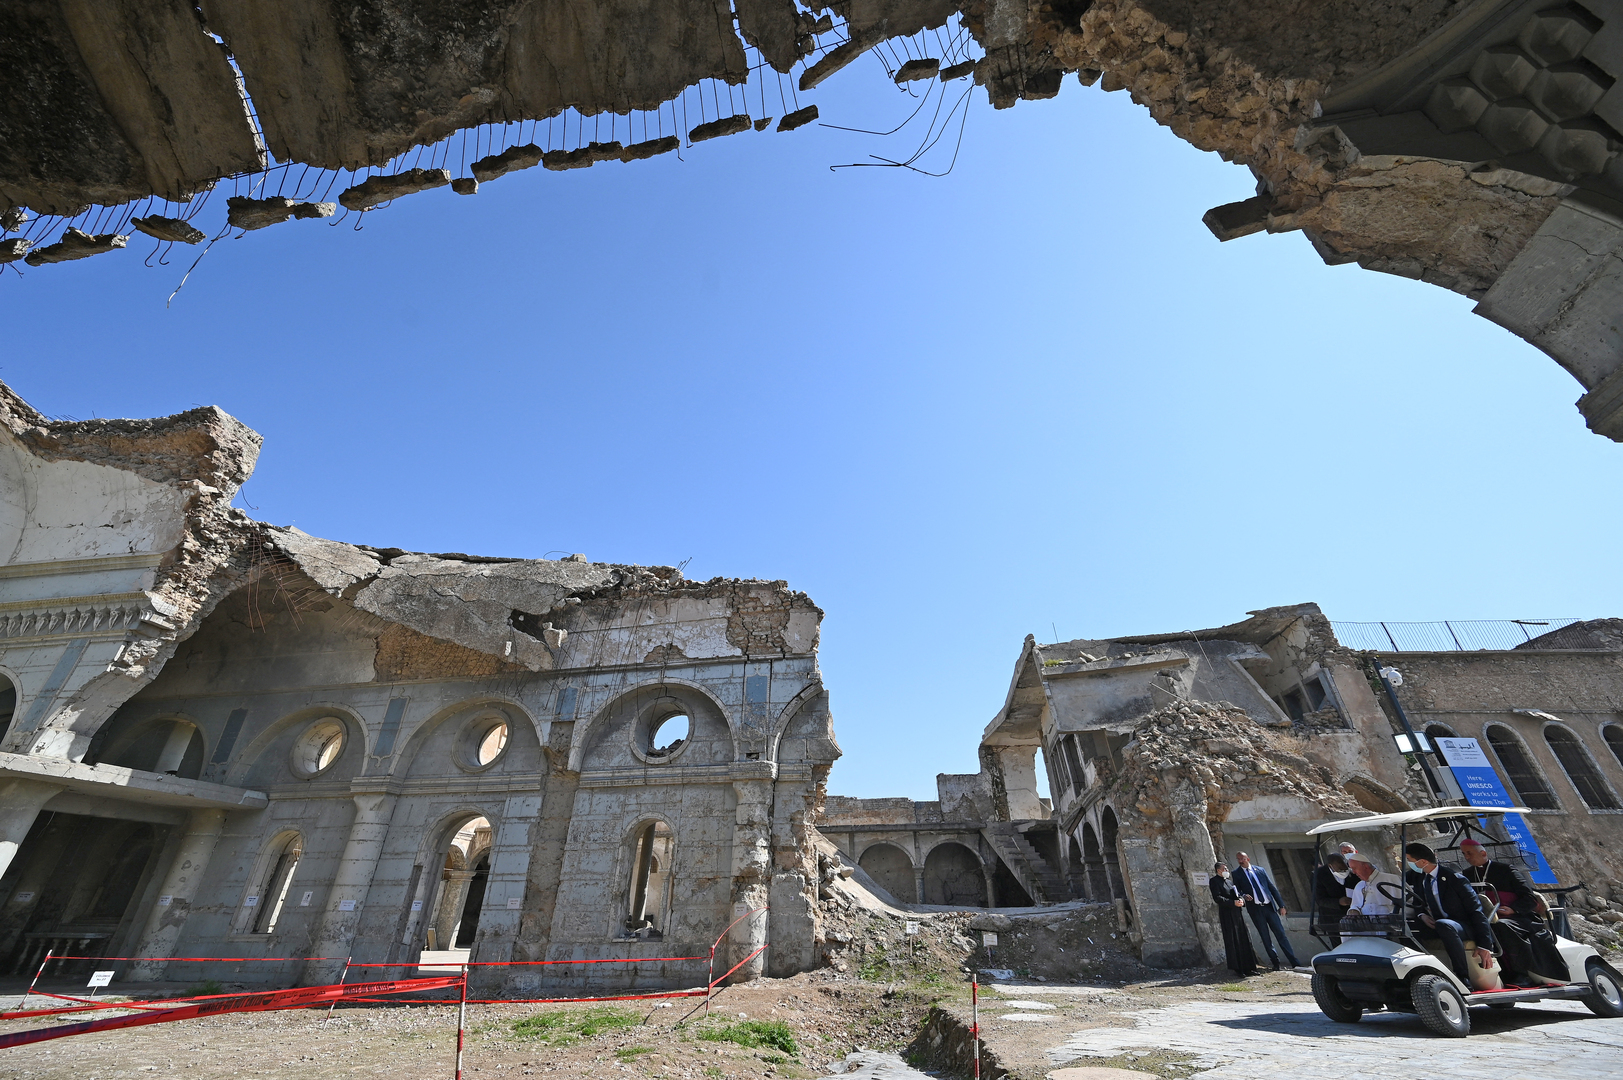 بالصور.. العثور على أموال طائلة وكميات من الذهب والفضة تحت أنقاض الموصل